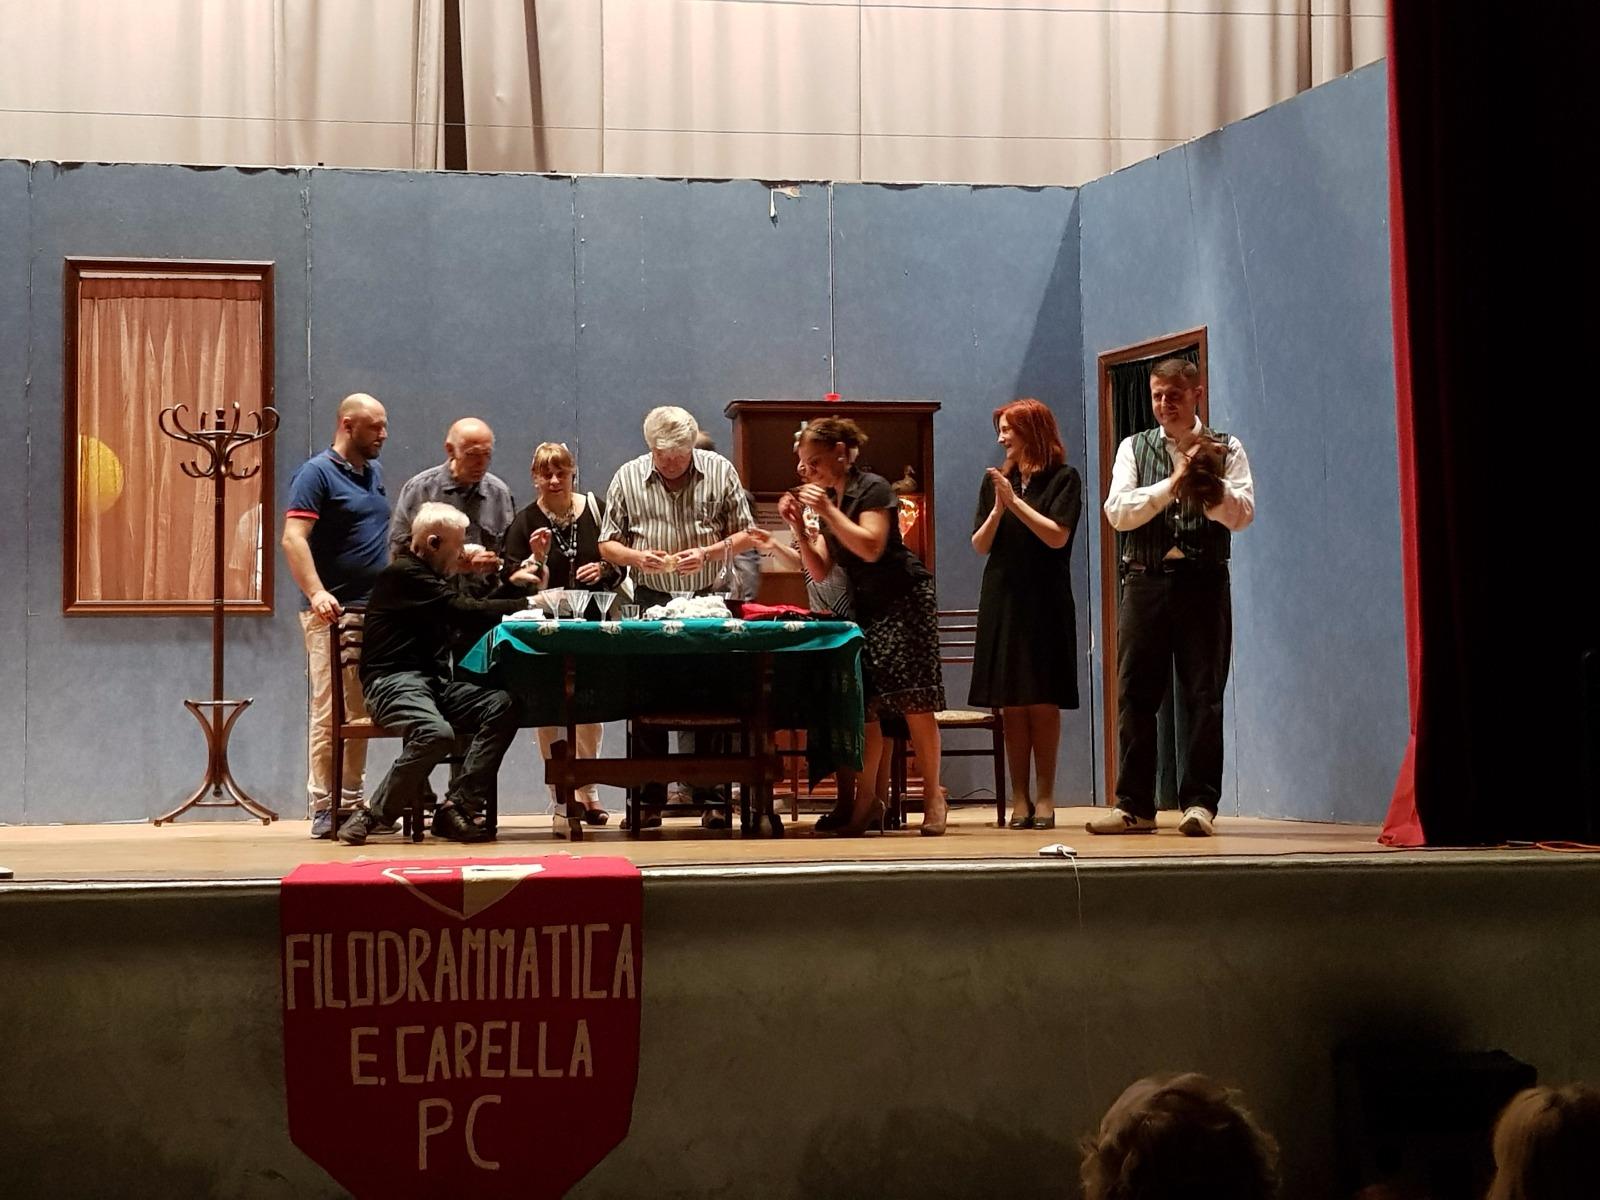 Commedia Carella, festa S Pietro (40)